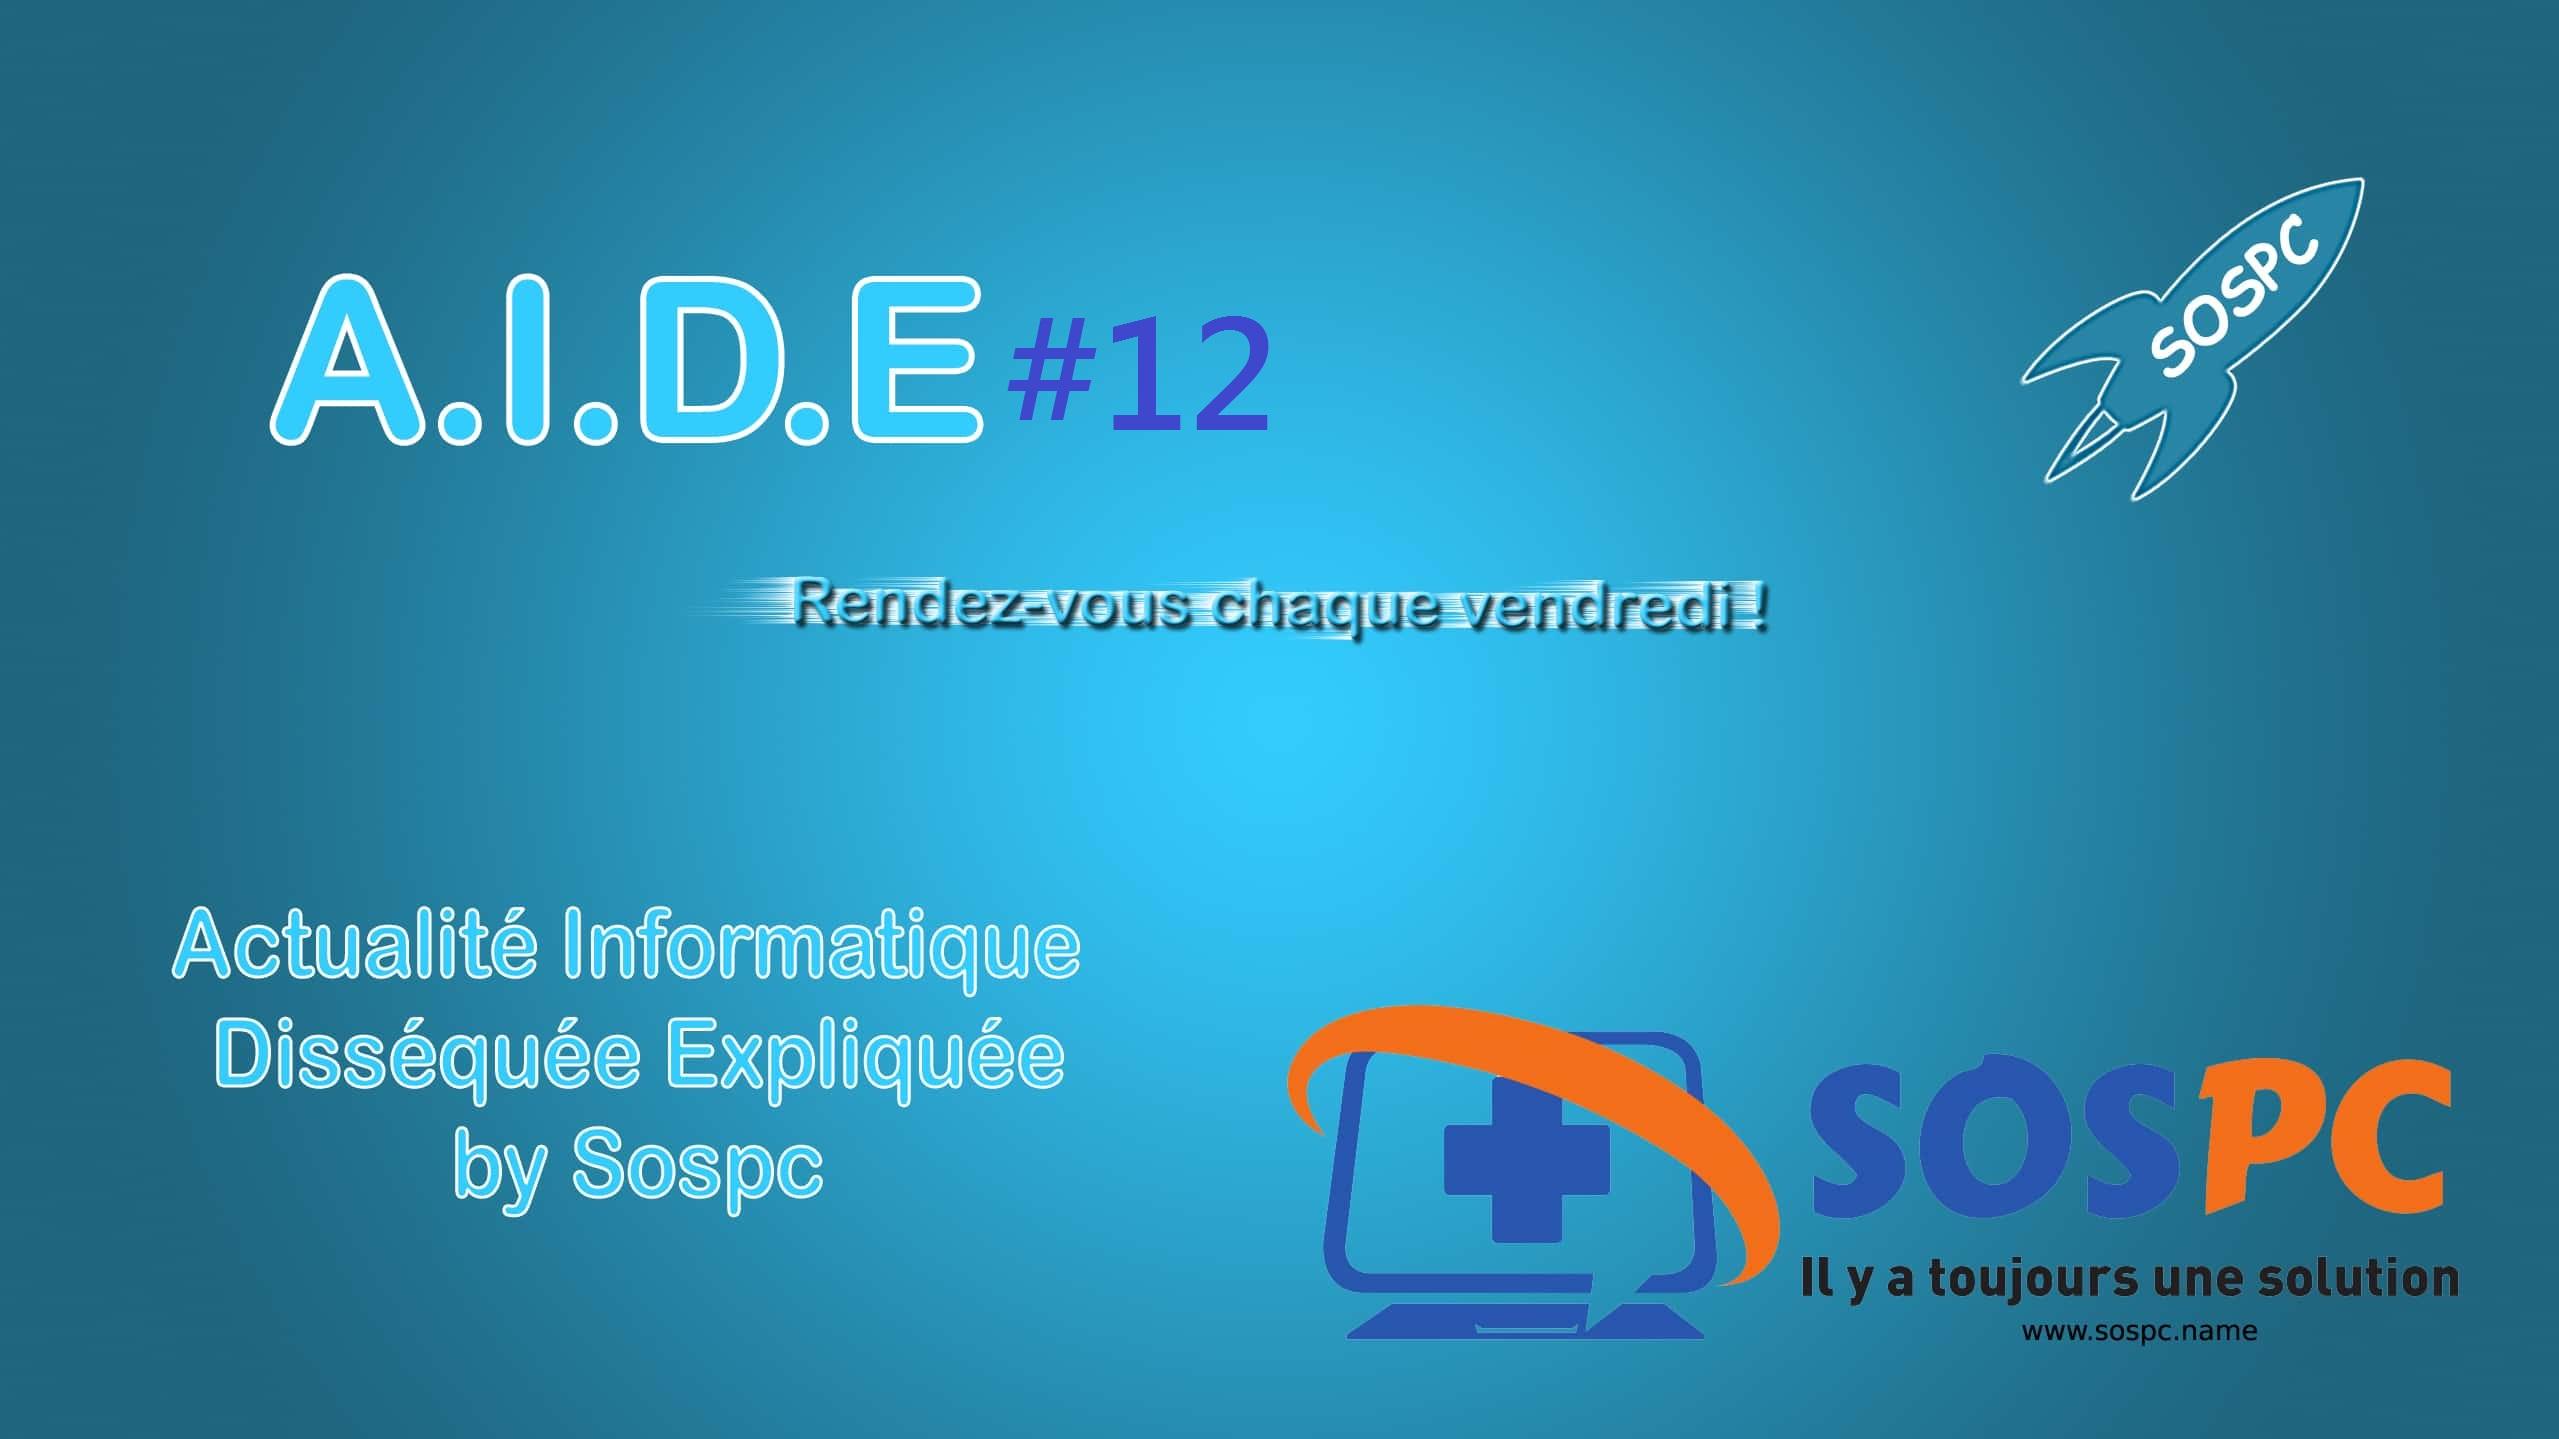 A.I.D.E 12 : Clés Usb piégées, Captcha c'est fini, Windows 10 imposé, ISO W7.